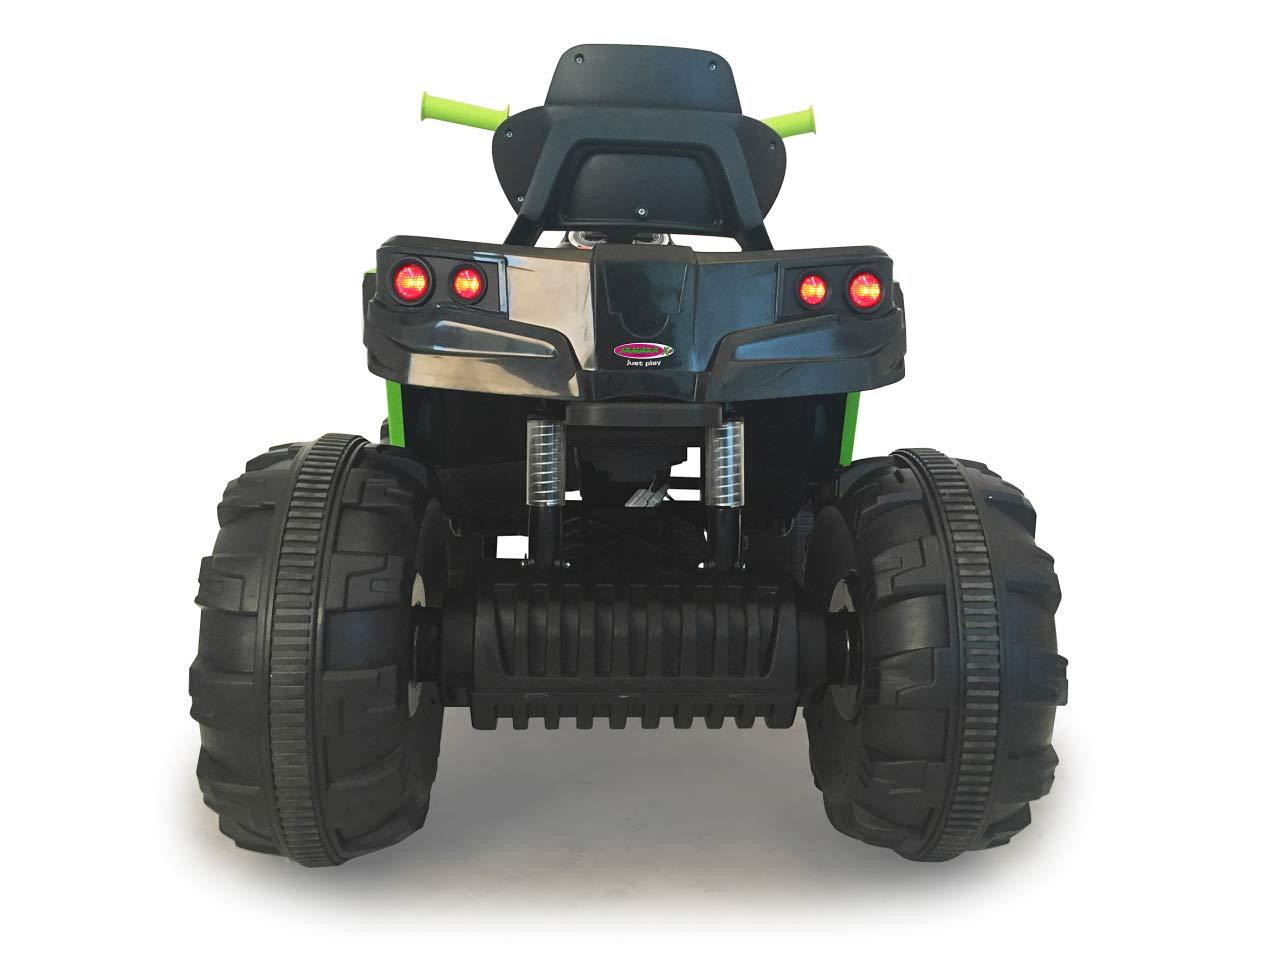 Ultra-Gripp Gummiringe an Antriebsr/ädern UKW Radio gr/ün 2-Gang Turboschalter Jamara 460450 Ride-on Quad Protector Leistungsstarke Antriebsmotoren und 12V Akku f/ür Lange Fahrzeit